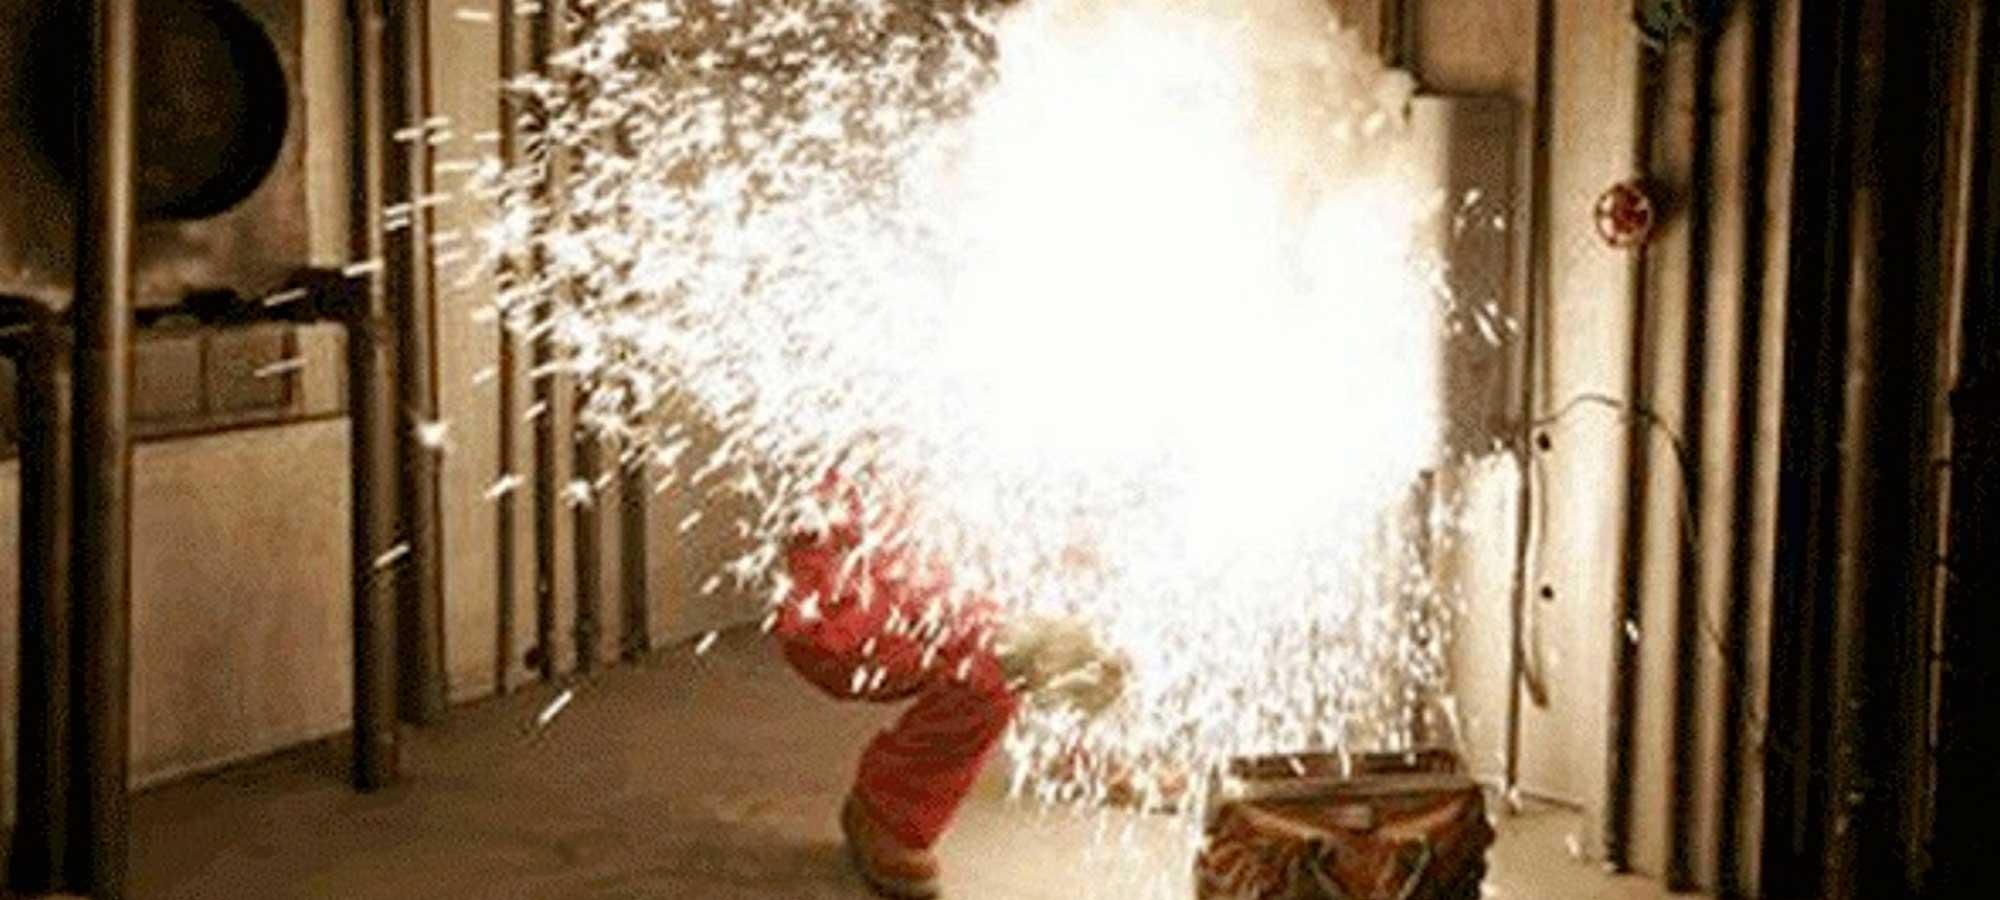 OSHA investigates arc Flash incident